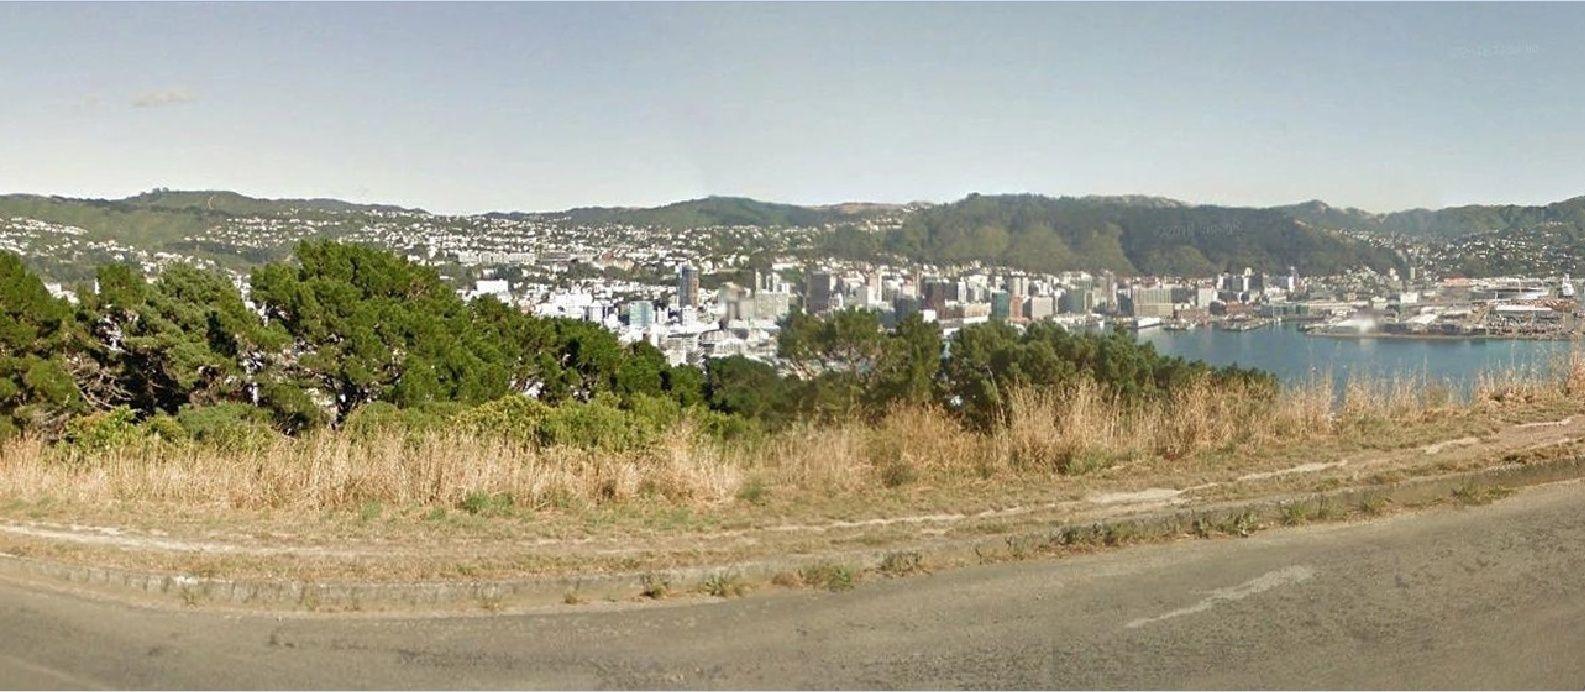 STREET VIEW : Les panoramas - Page 3 Pano_211